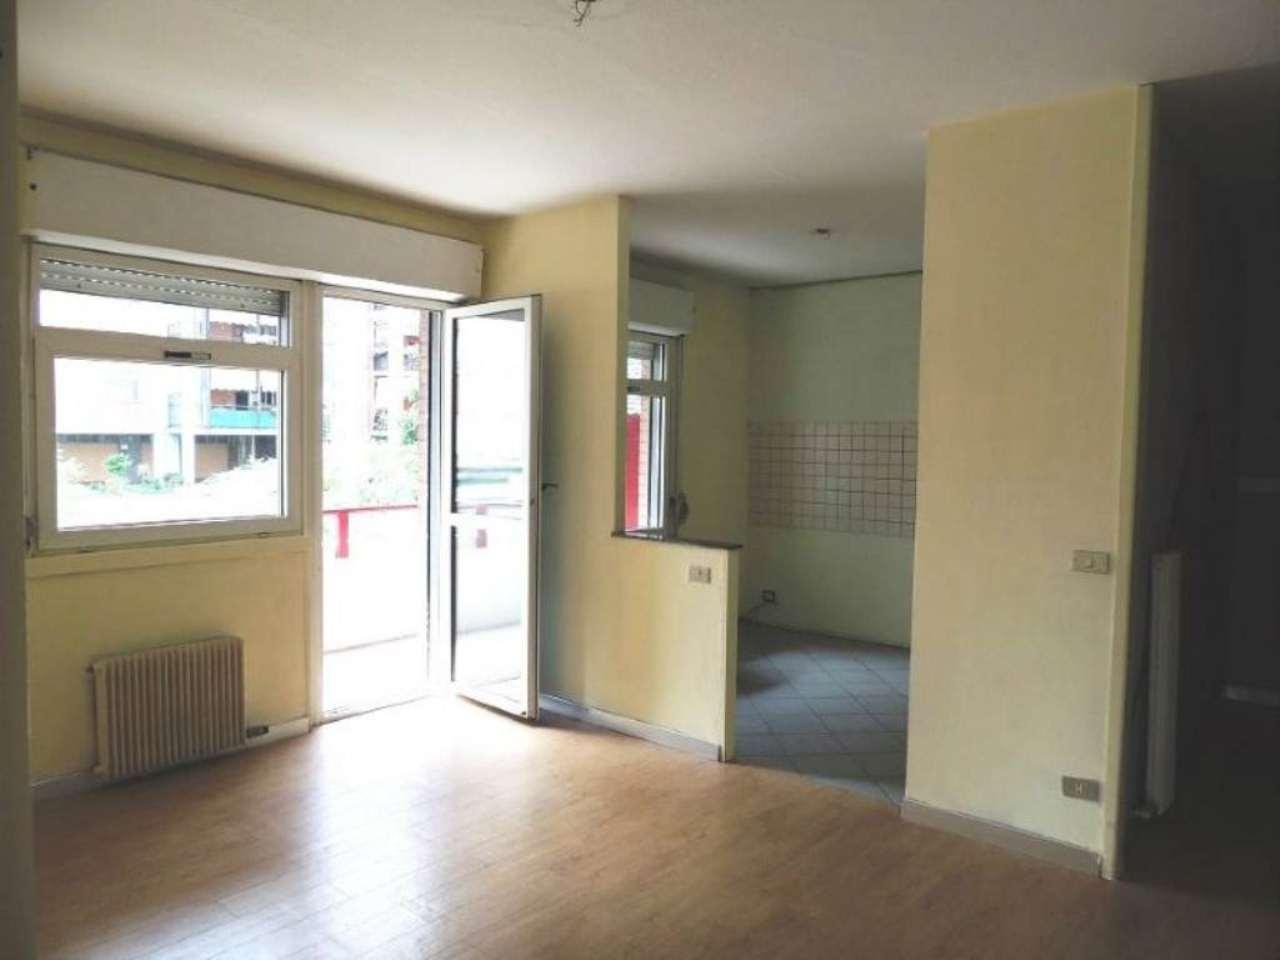 Appartamento in vendita a Collegno, 4 locali, prezzo € 109.000 | Cambio Casa.it